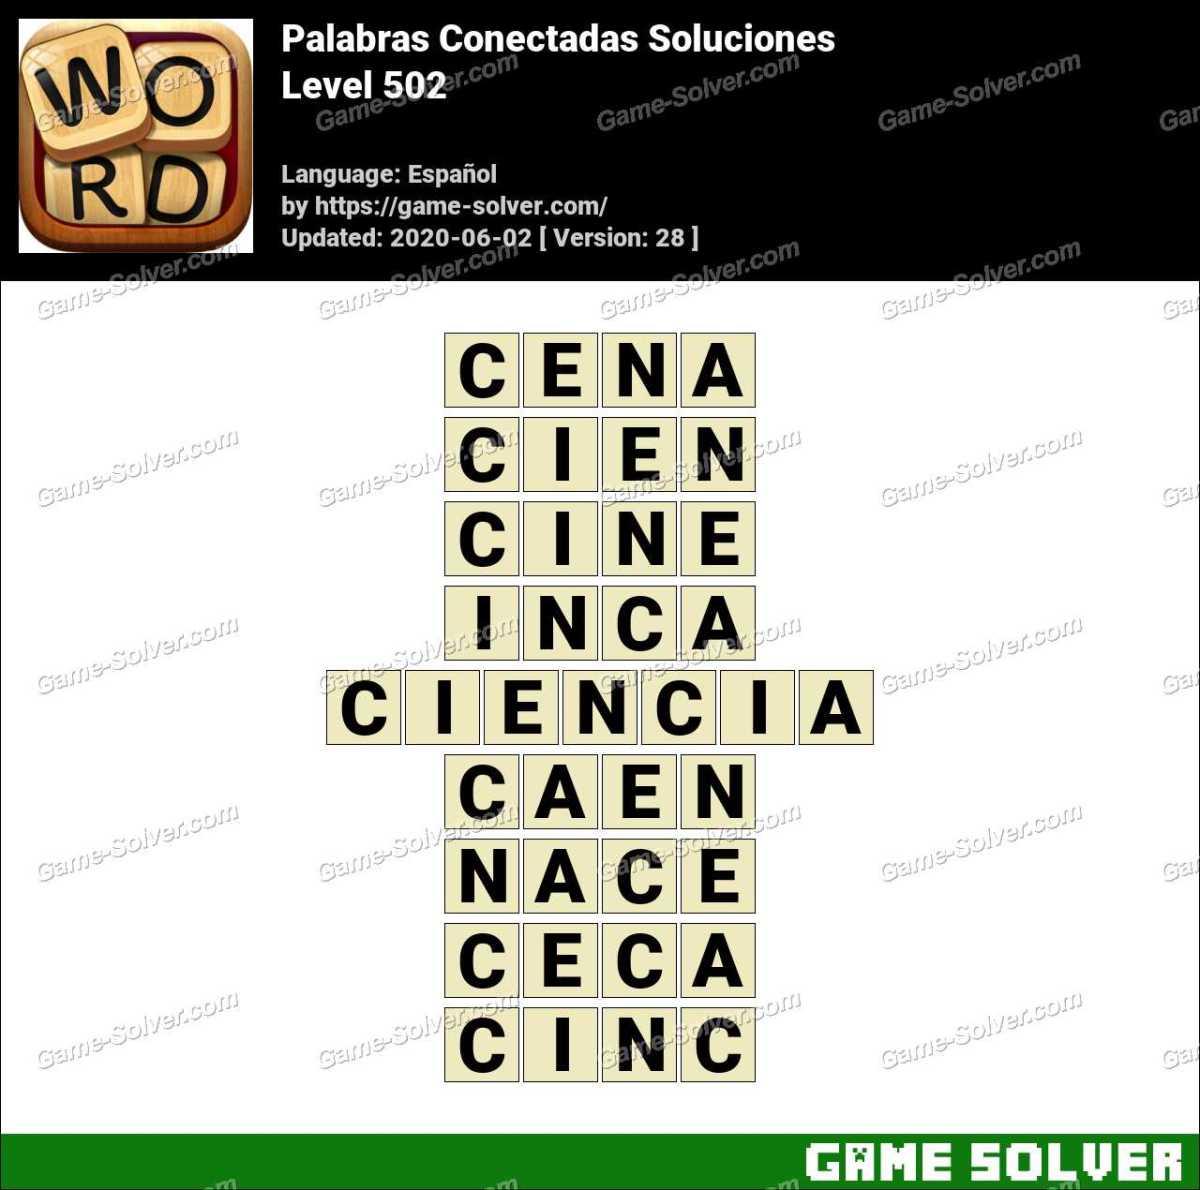 Palabras Conectadas Nivel 502 Soluciones